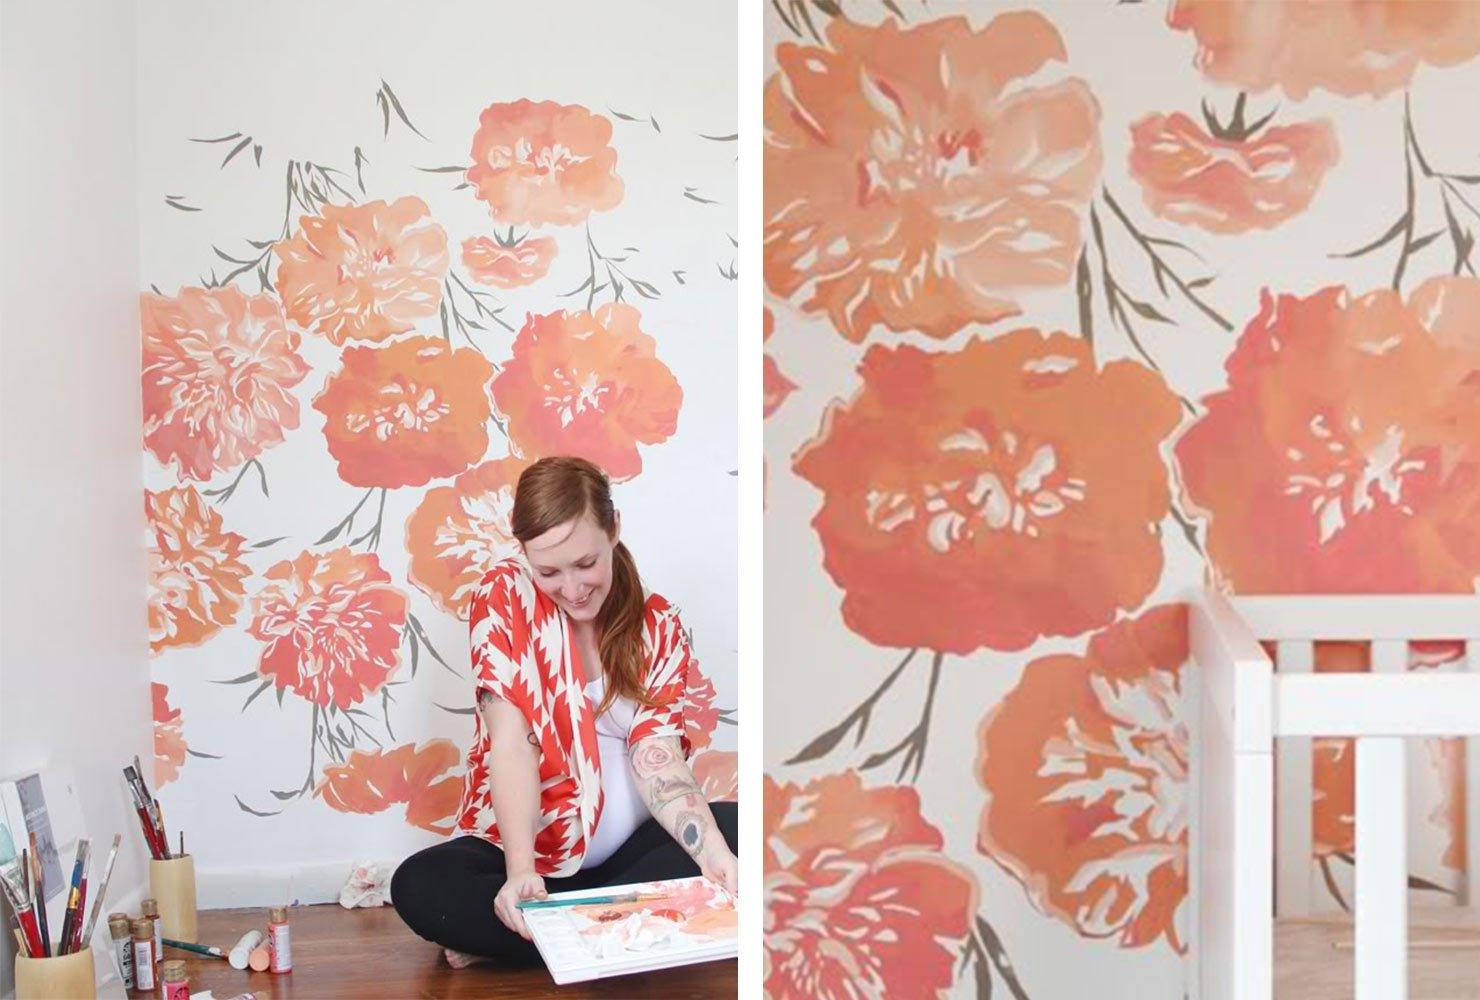 Wohnzimmer Wand bemalen mit Acryl Farben